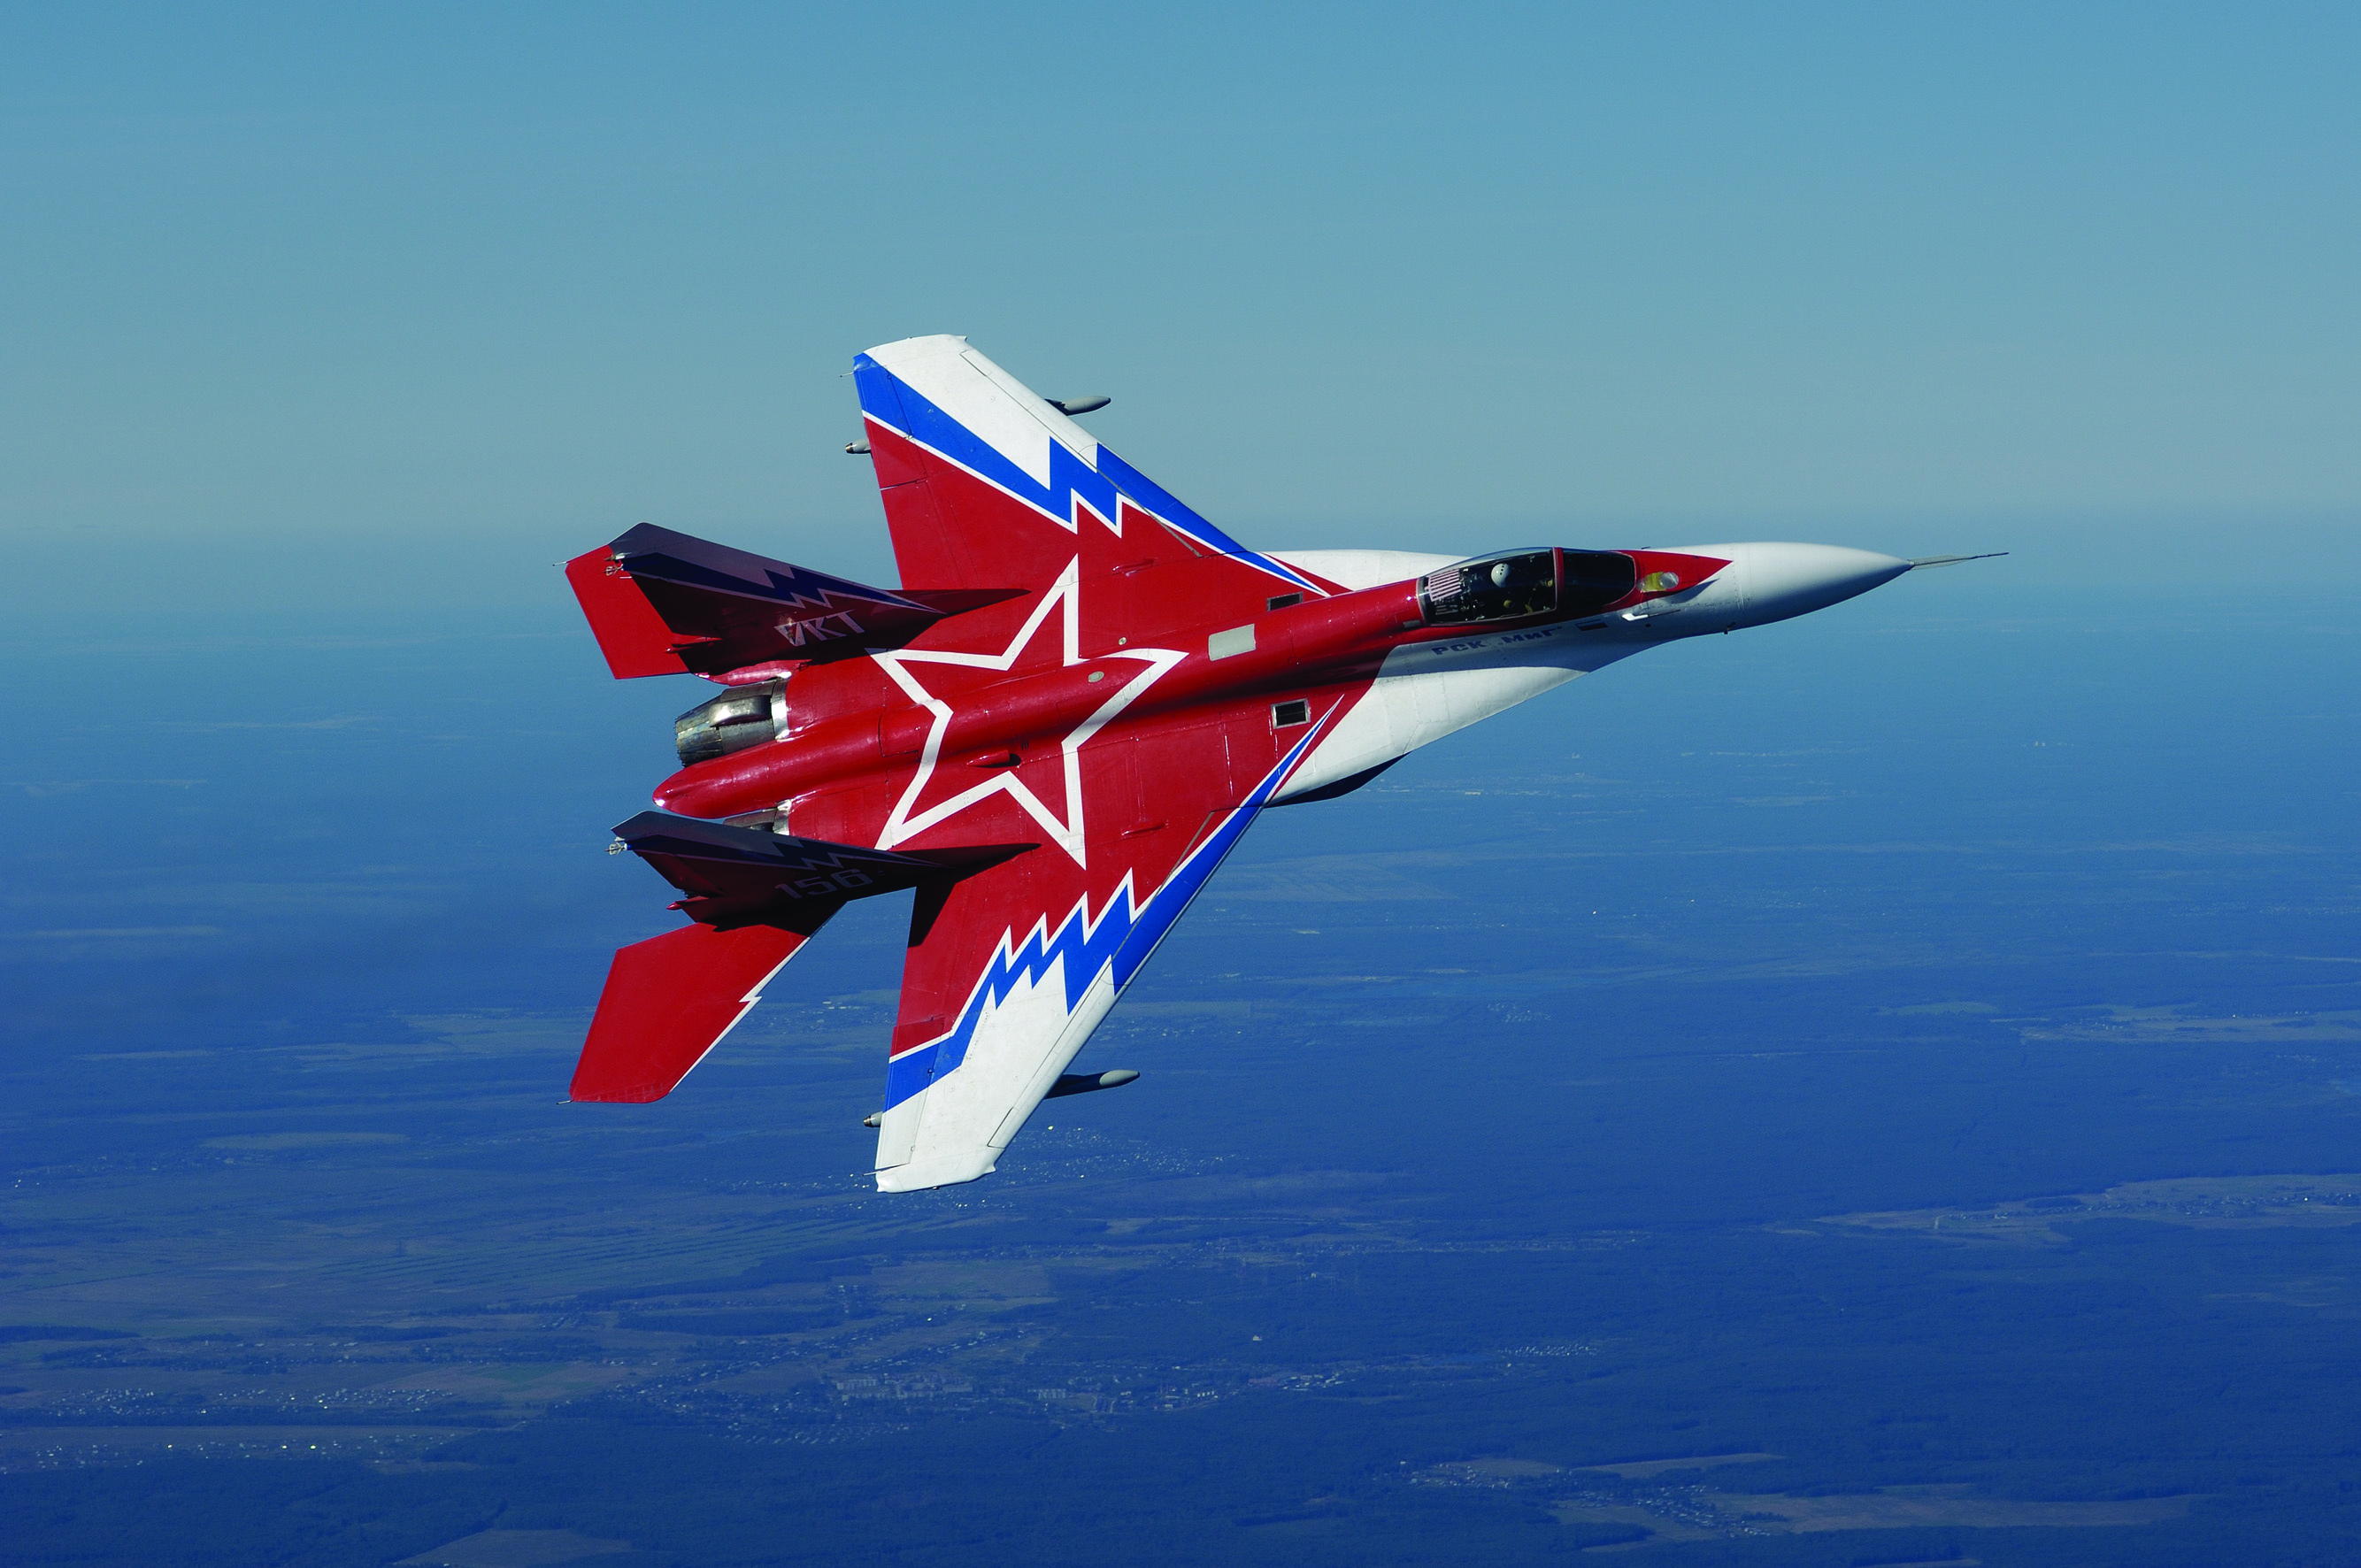 фото русской военной авиации этом году